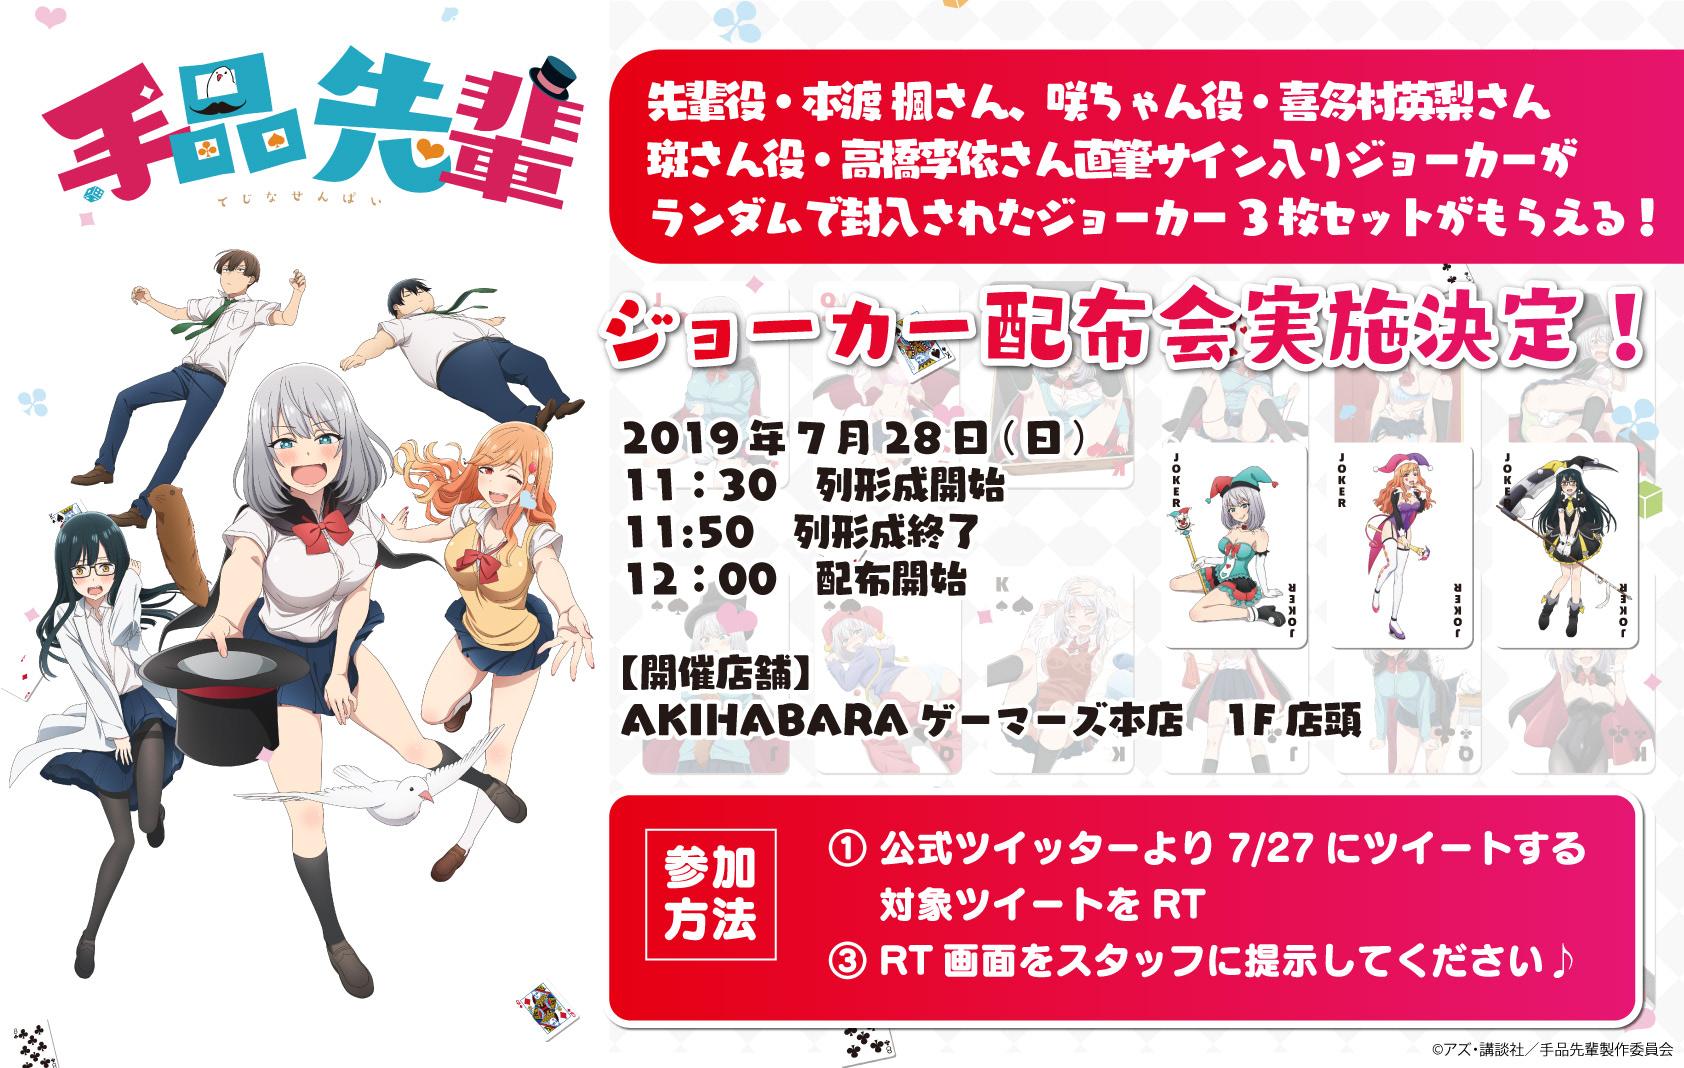 7月28日にジョーカー配布会の開催が決定!